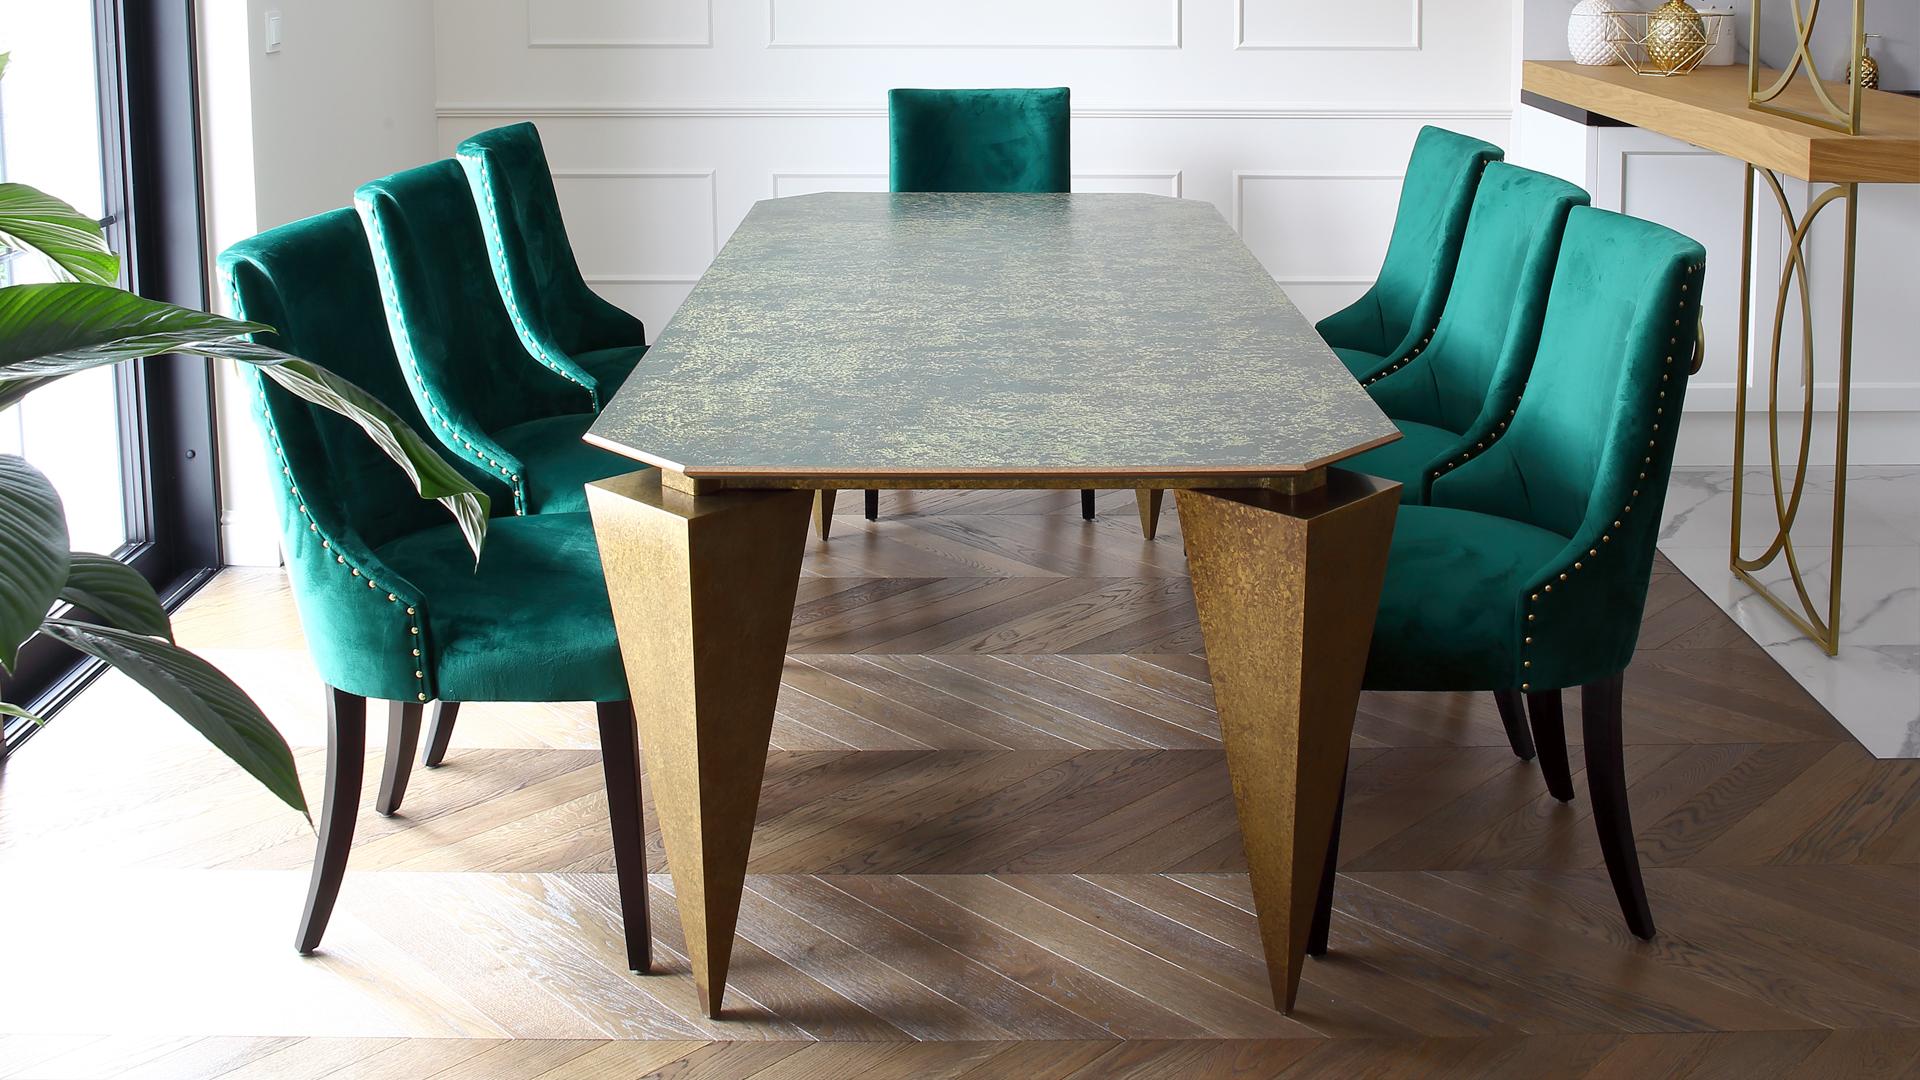 nowoczesny-stol-do-salonu-pyrite-ii